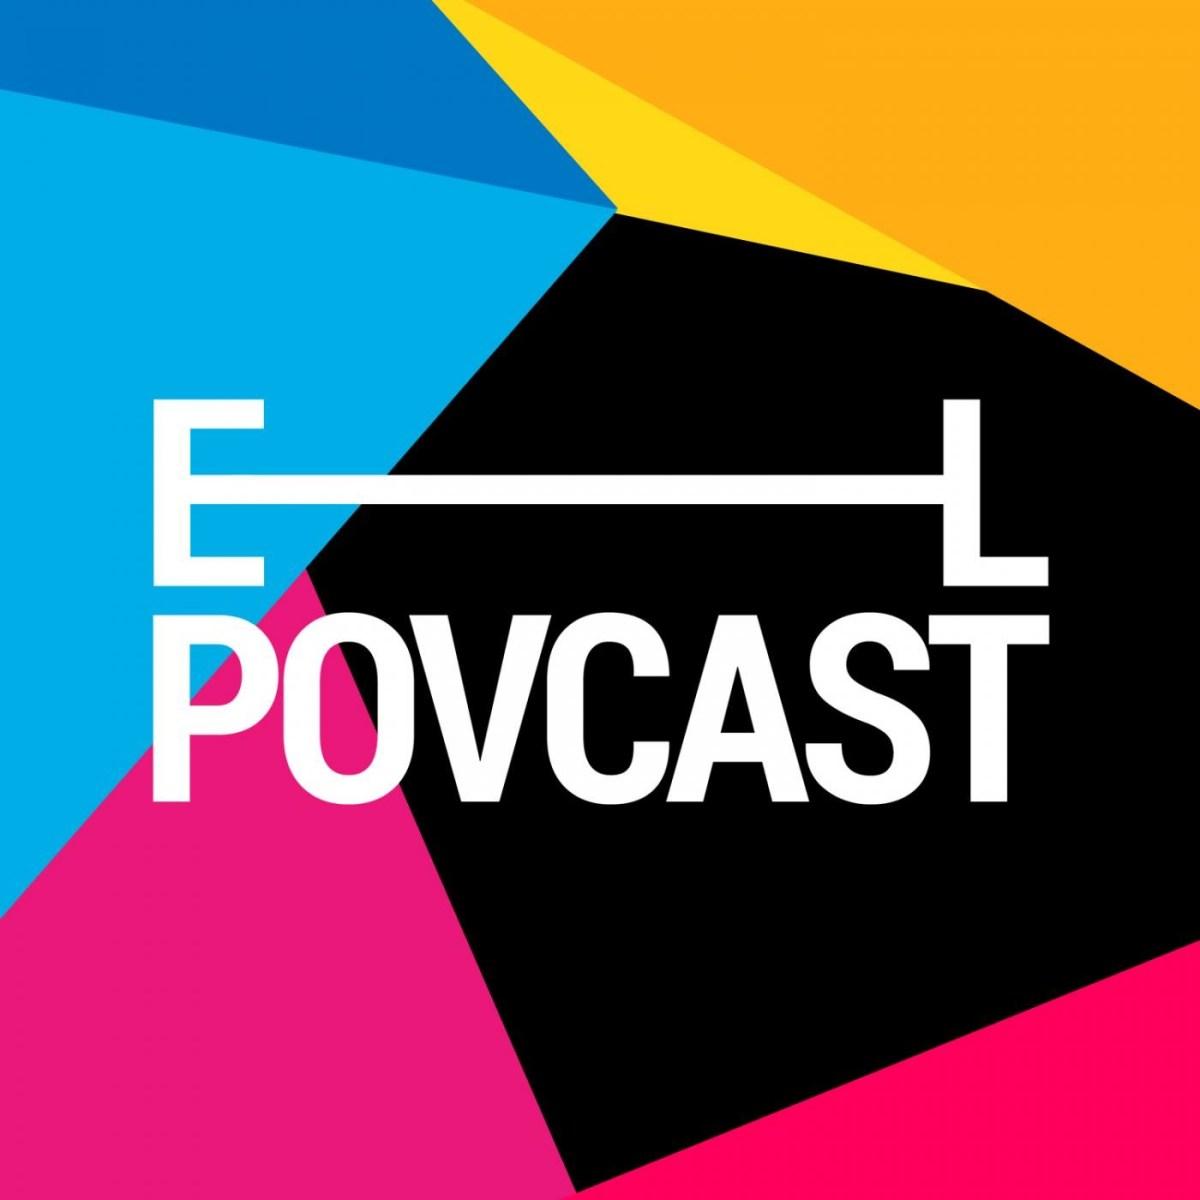 El Povcast